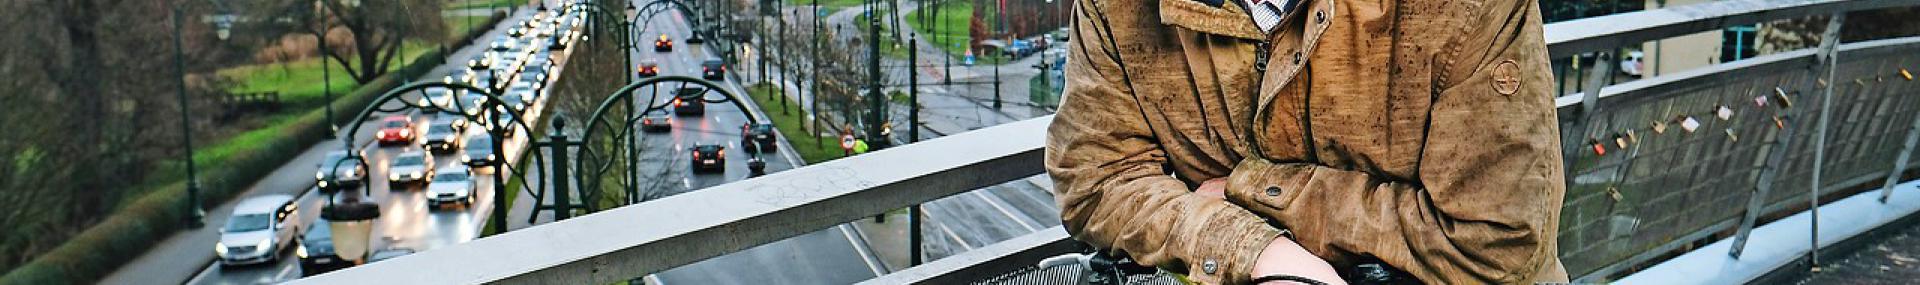 """Paul Delva: """"Na 1958 is Brussel een stad op maat van de auto geworden."""" © © Bart Dewaele"""